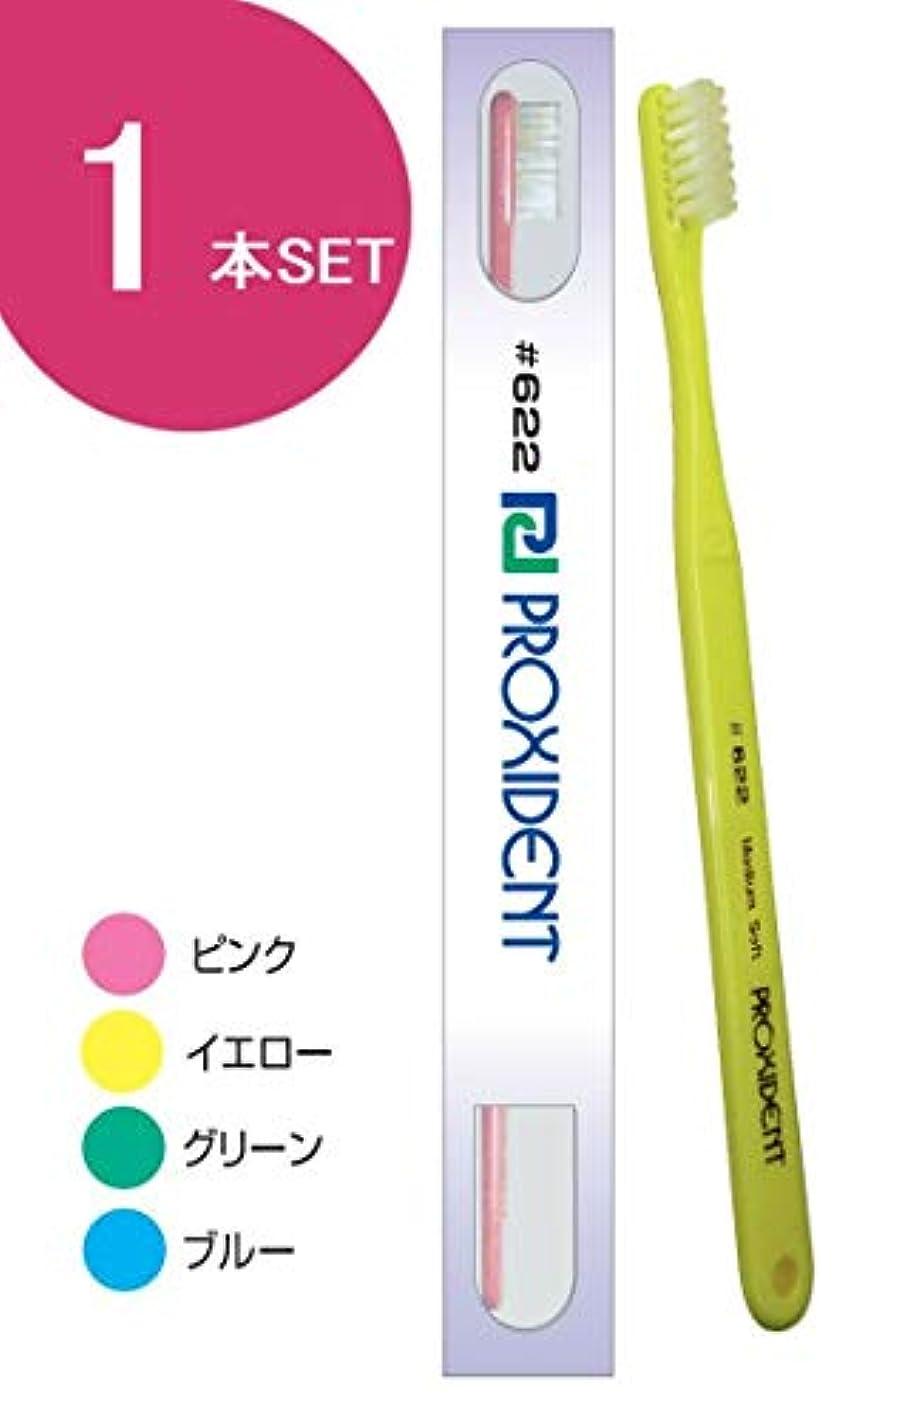 選出するブロックする食べるプローデント プロキシデント コンパクトヘッド MS(ミディアムソフト) 歯ブラシ #622 (1本)